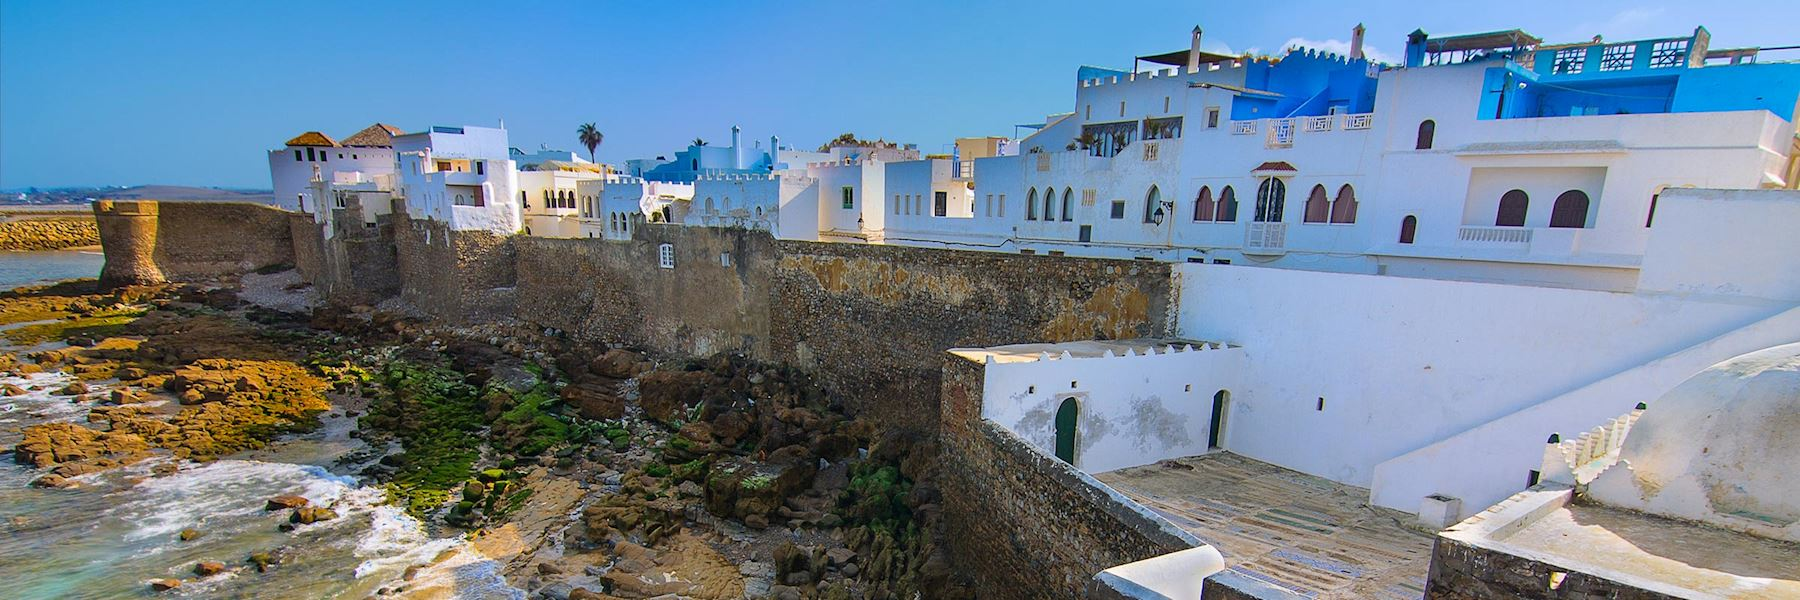 Visit Asilah, Morocco